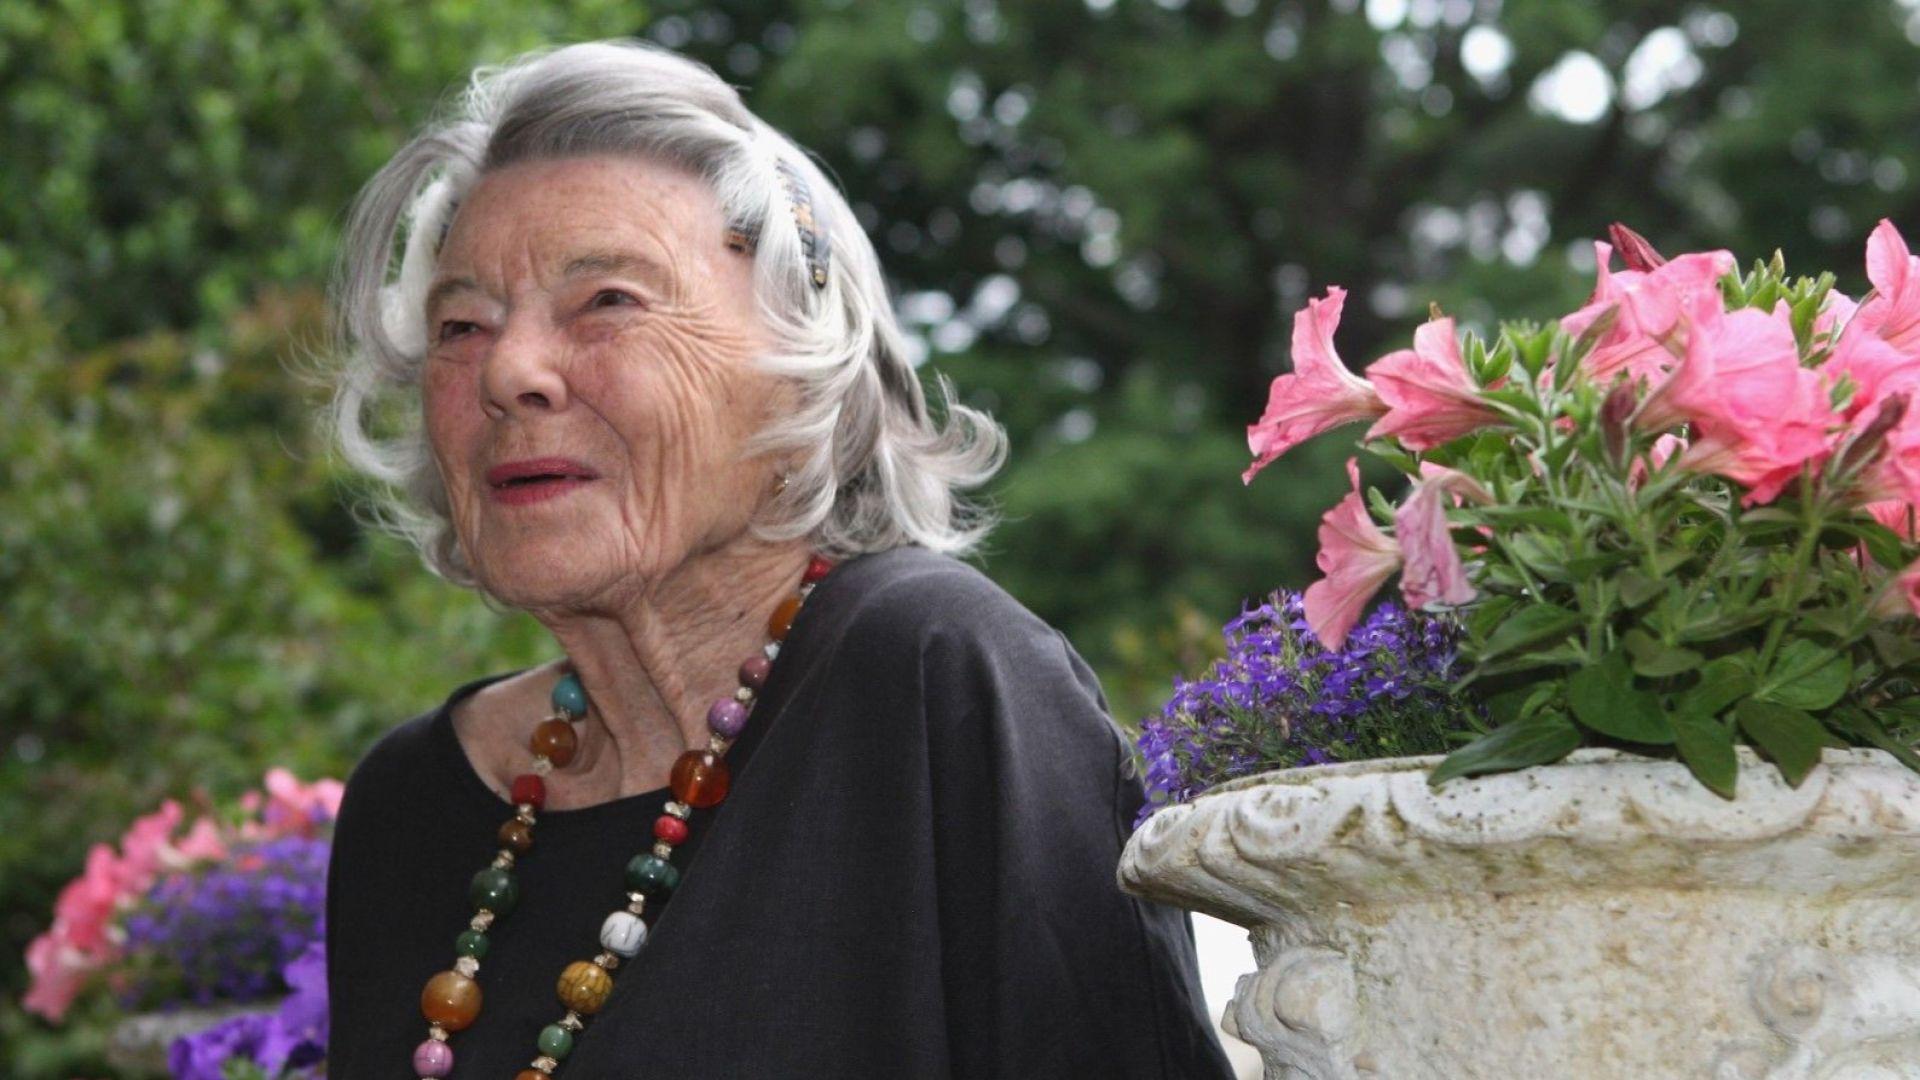 Почина голямата разказвачка на любовни истории Розамънд Пилчър